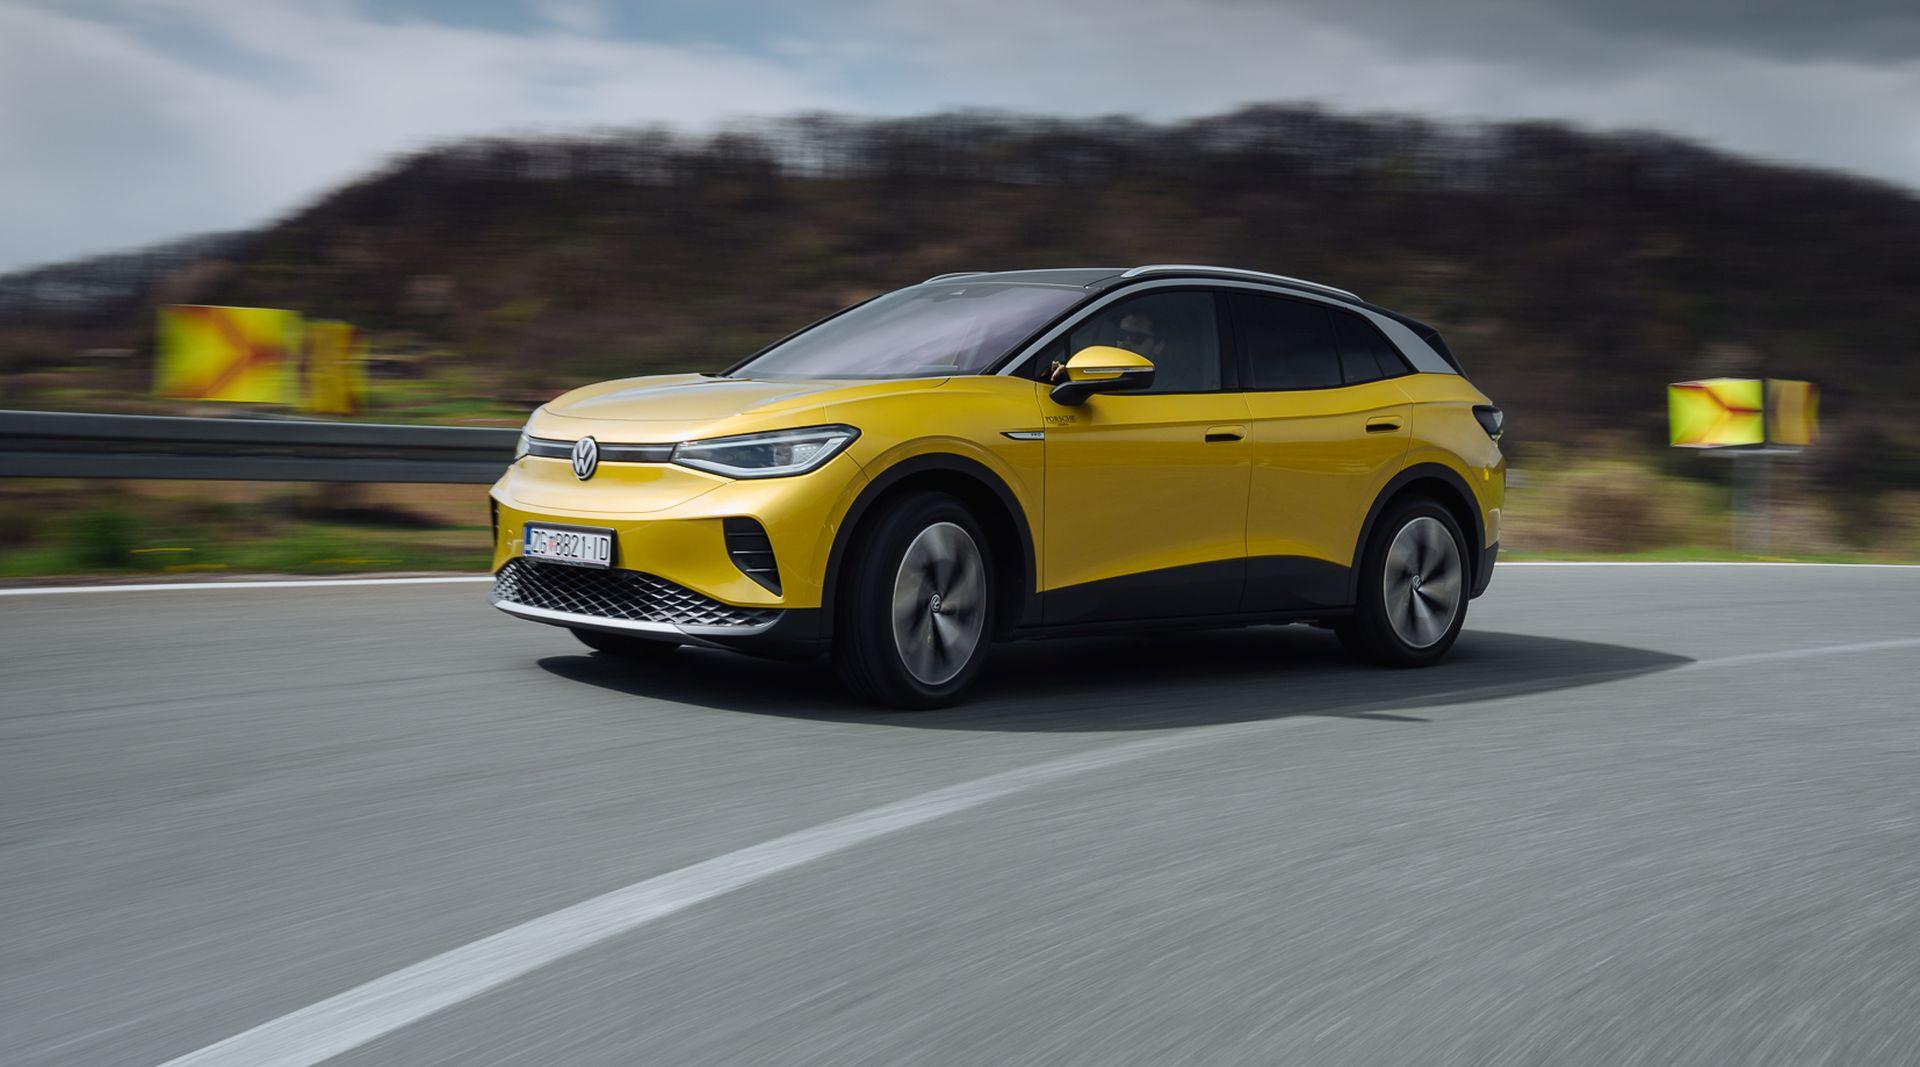 Električni Volkswagen ID.4 je Svjetski automobil 2021. godine